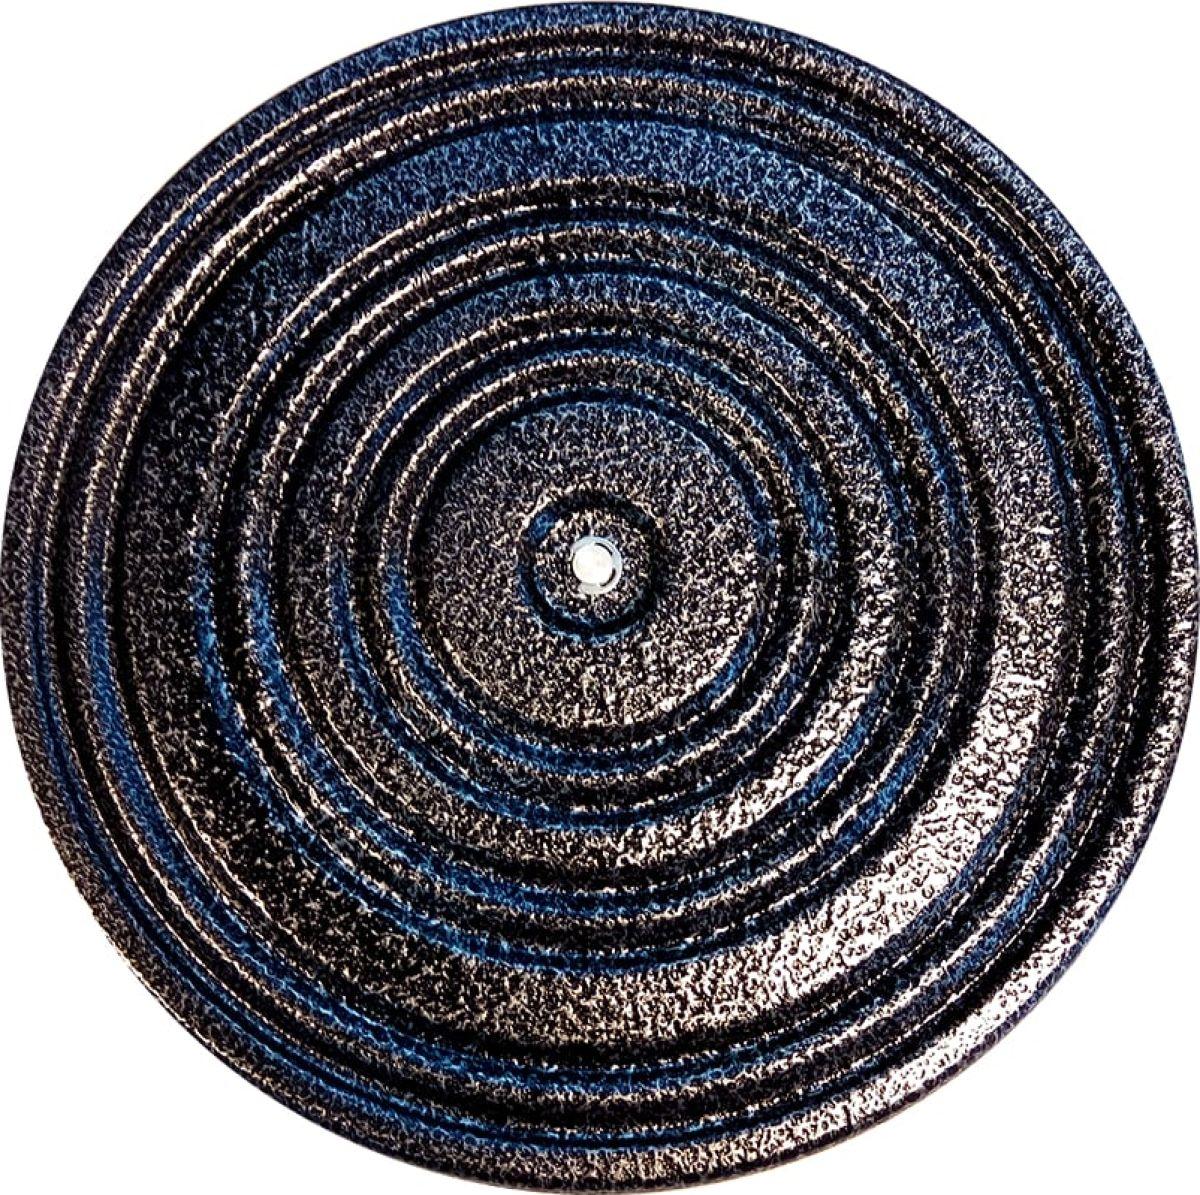 Диск здоровья Starfit FA-205, металлический, диаметр 30 см диск здоровья pro star fit